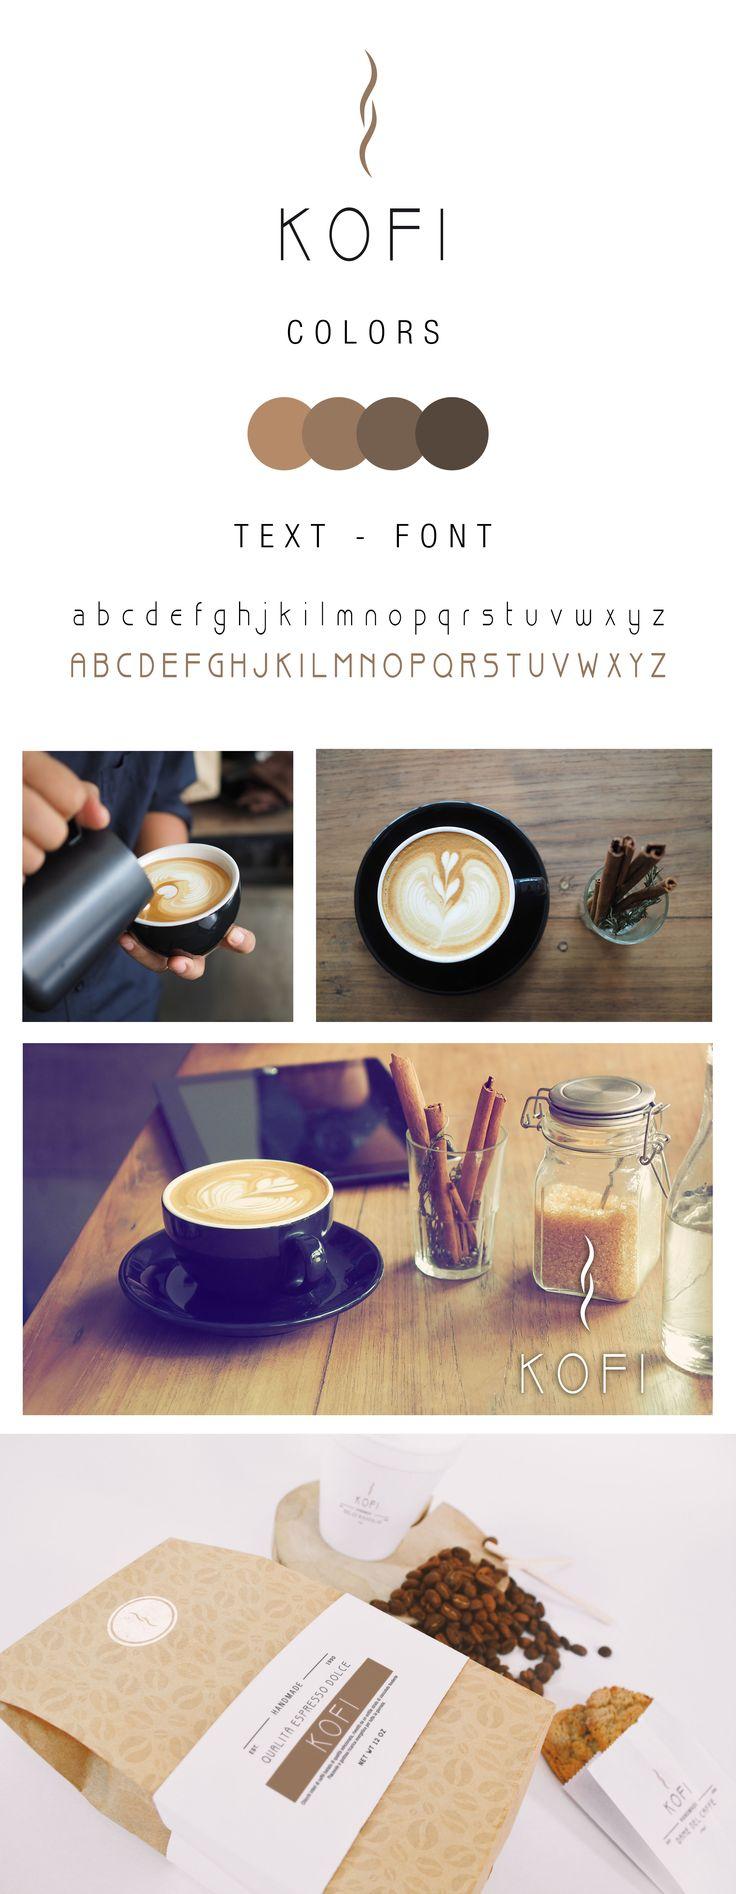 #grafichenuovatipografia #grafiche #nuova #tipografia #logo #coordinamento ##loghi #presentazione #coffee #caffé #café #kofi #colors #color #packaging #design #cup #tazza #brown #marrone #Concept #packaging